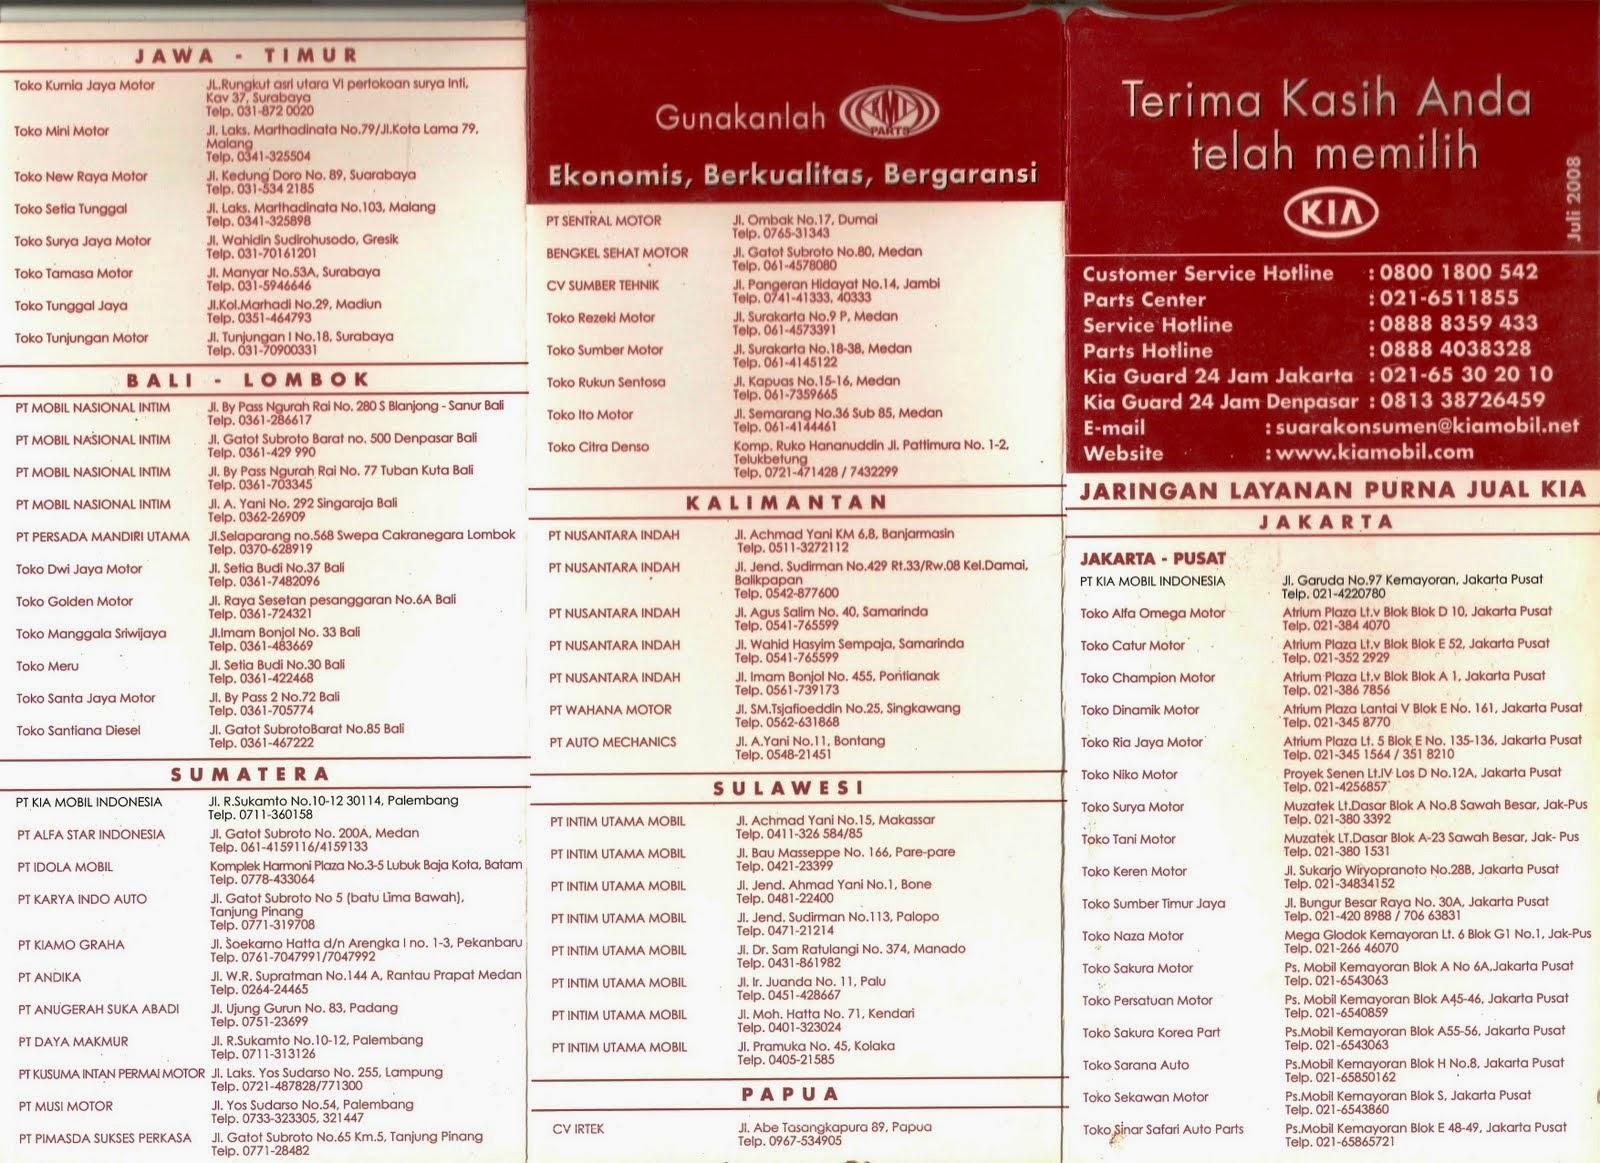 Daftar Alamat Bengkel KIA Surabaya